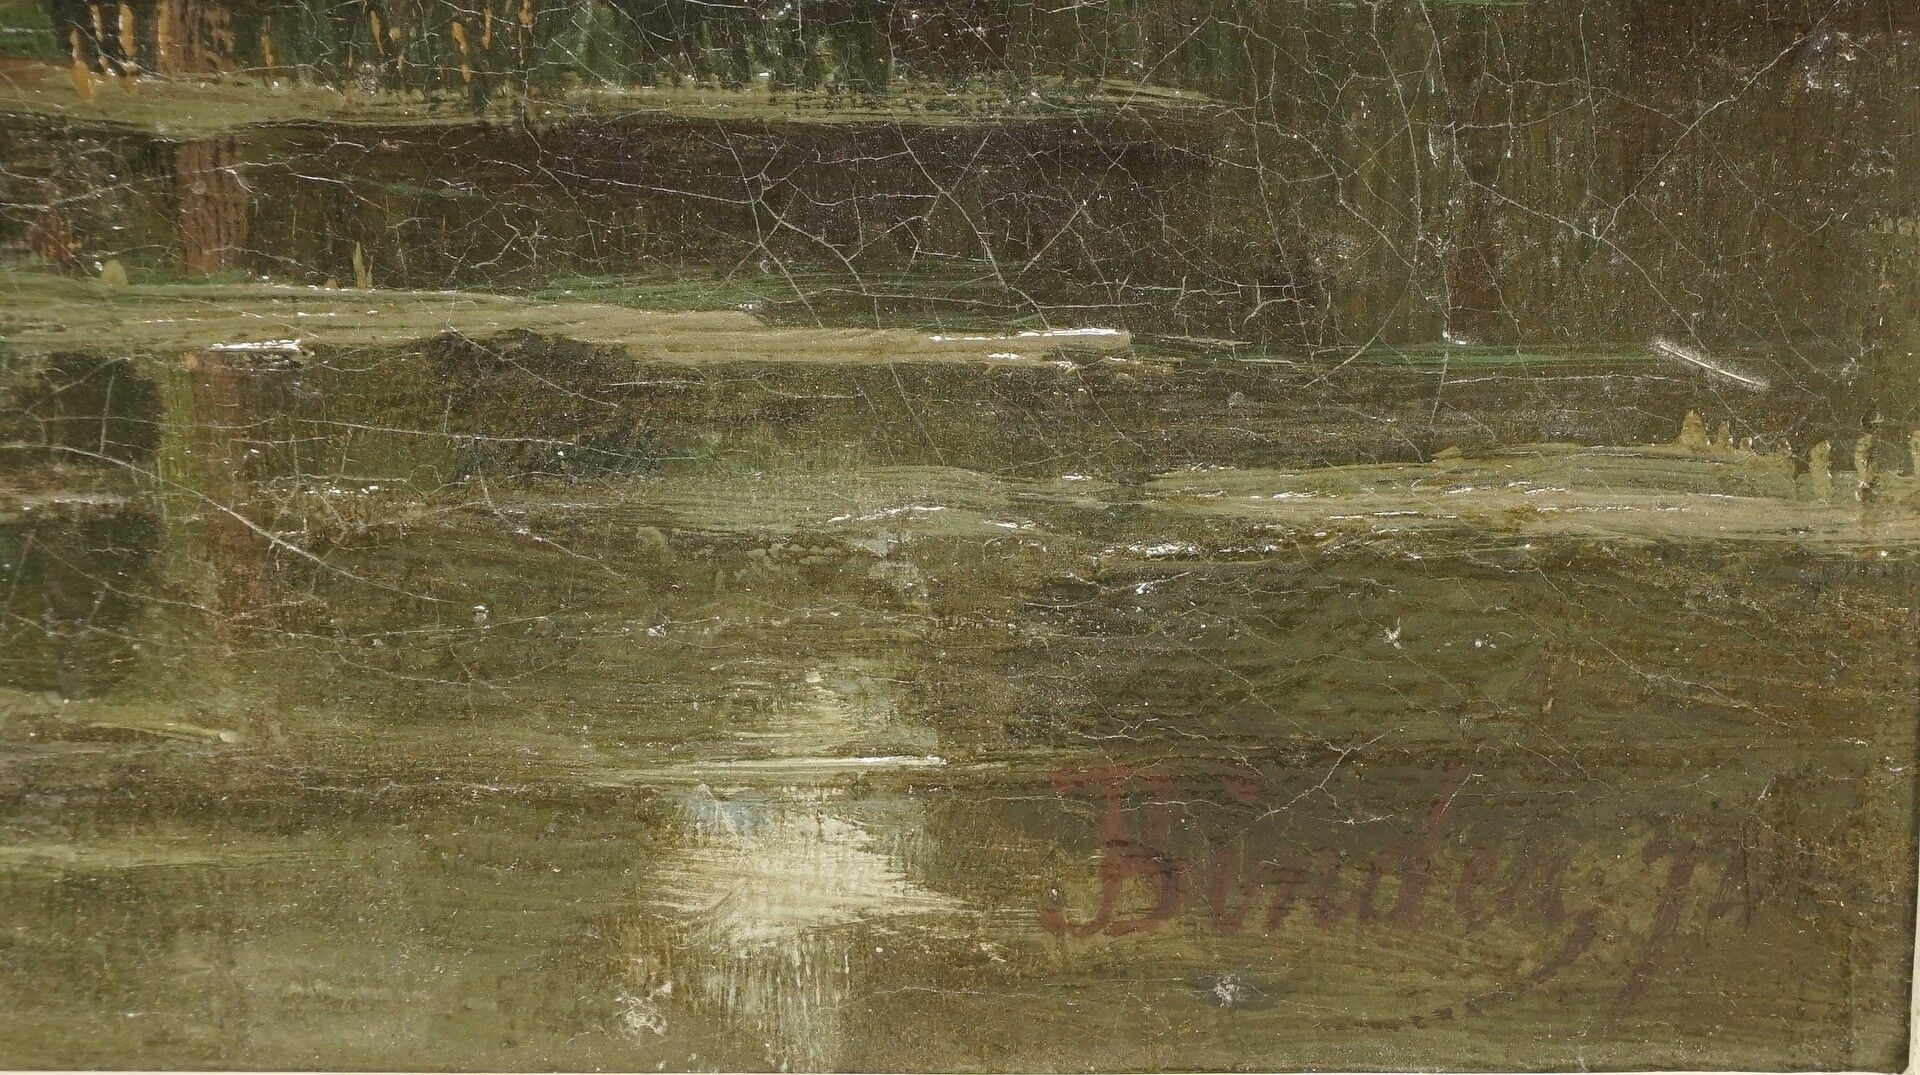 Binder, Flusslandschaft - Bild 4 aus 4